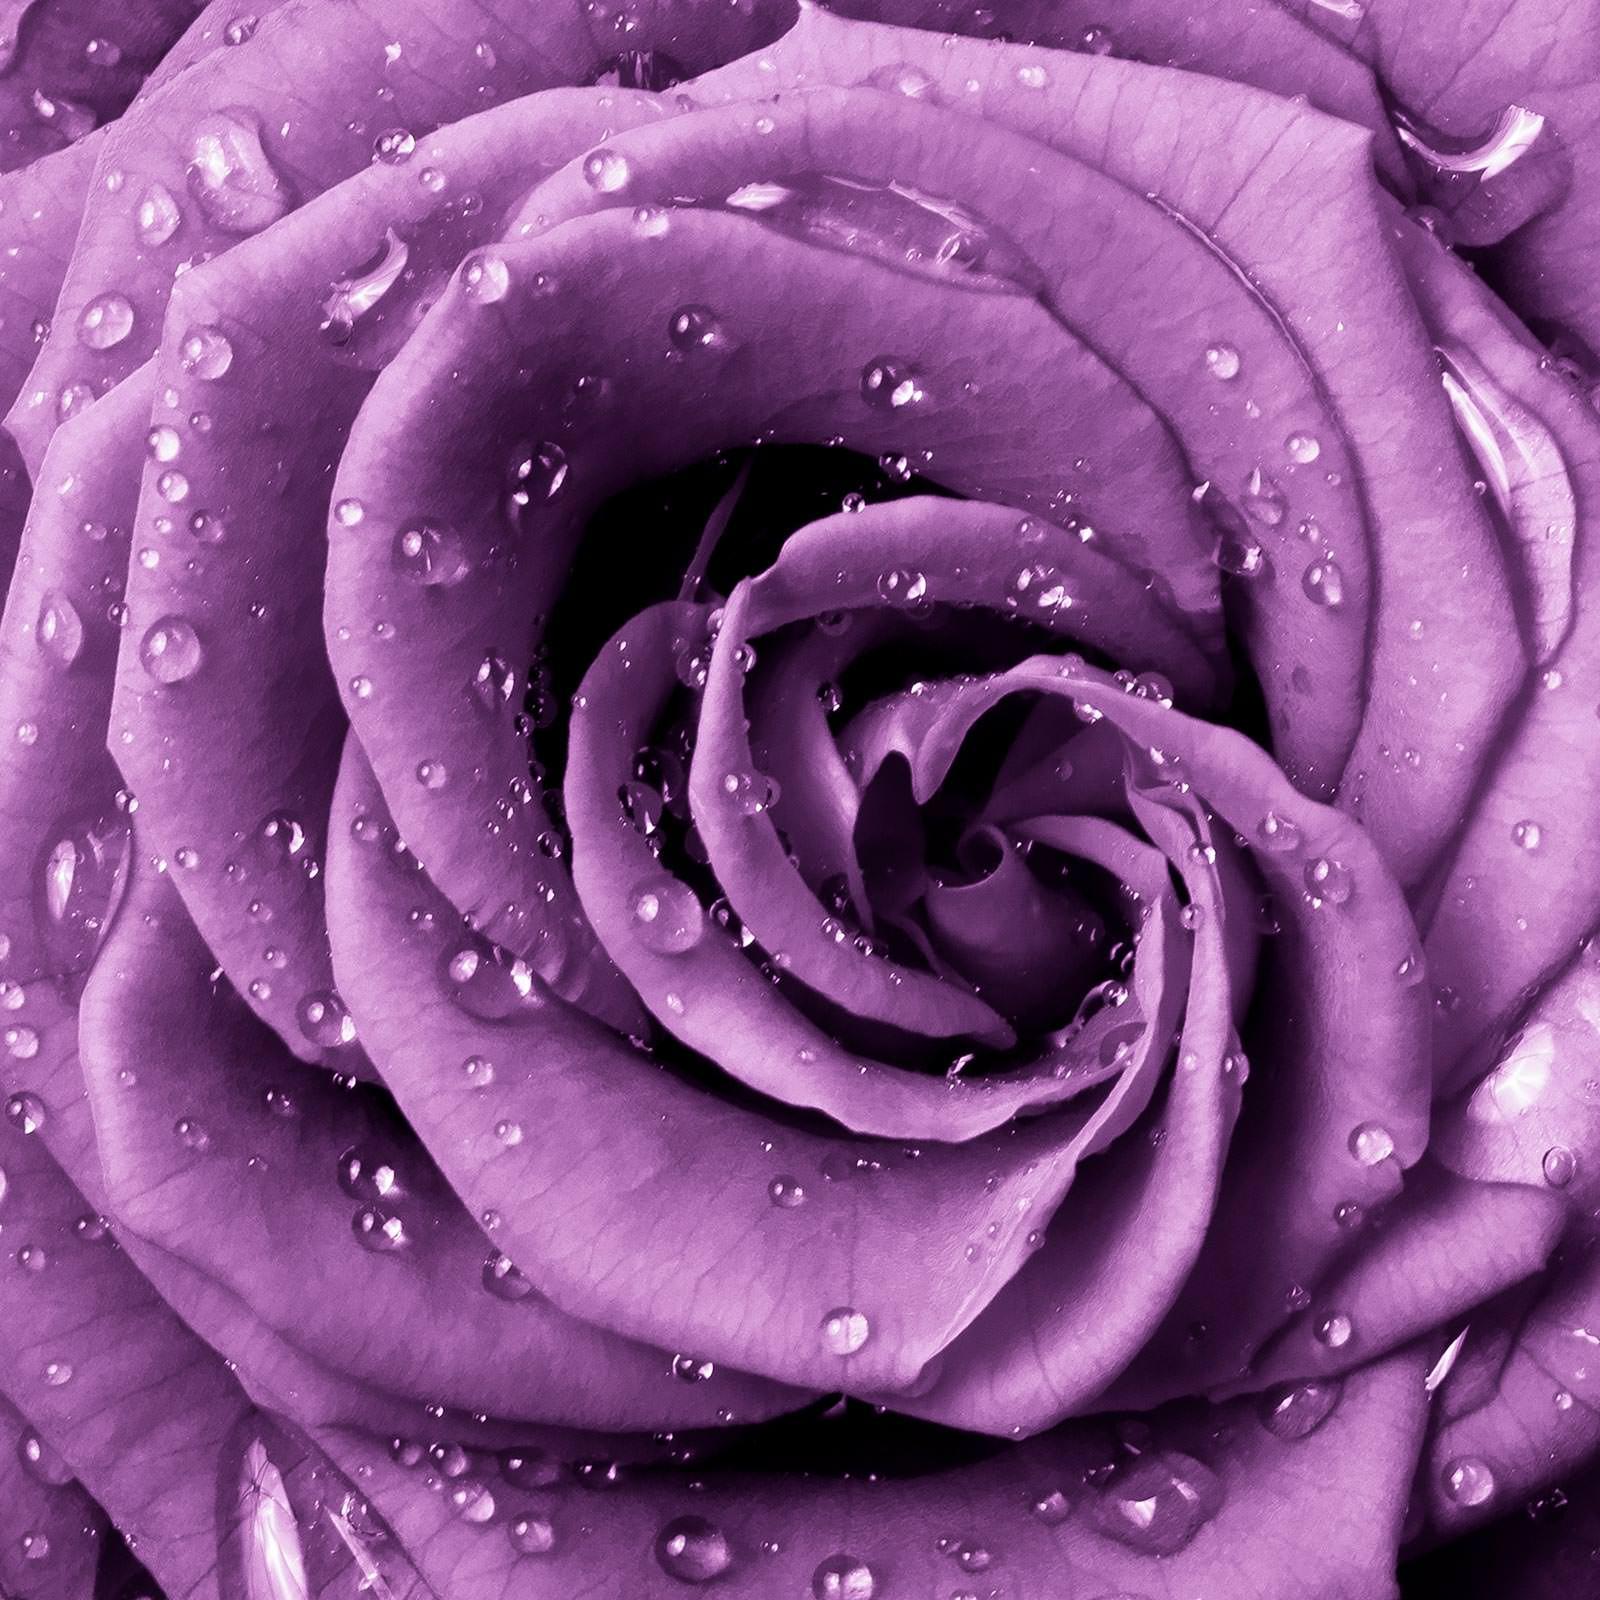 Фотообои фиолетовая роза с каплями в интерьере фото